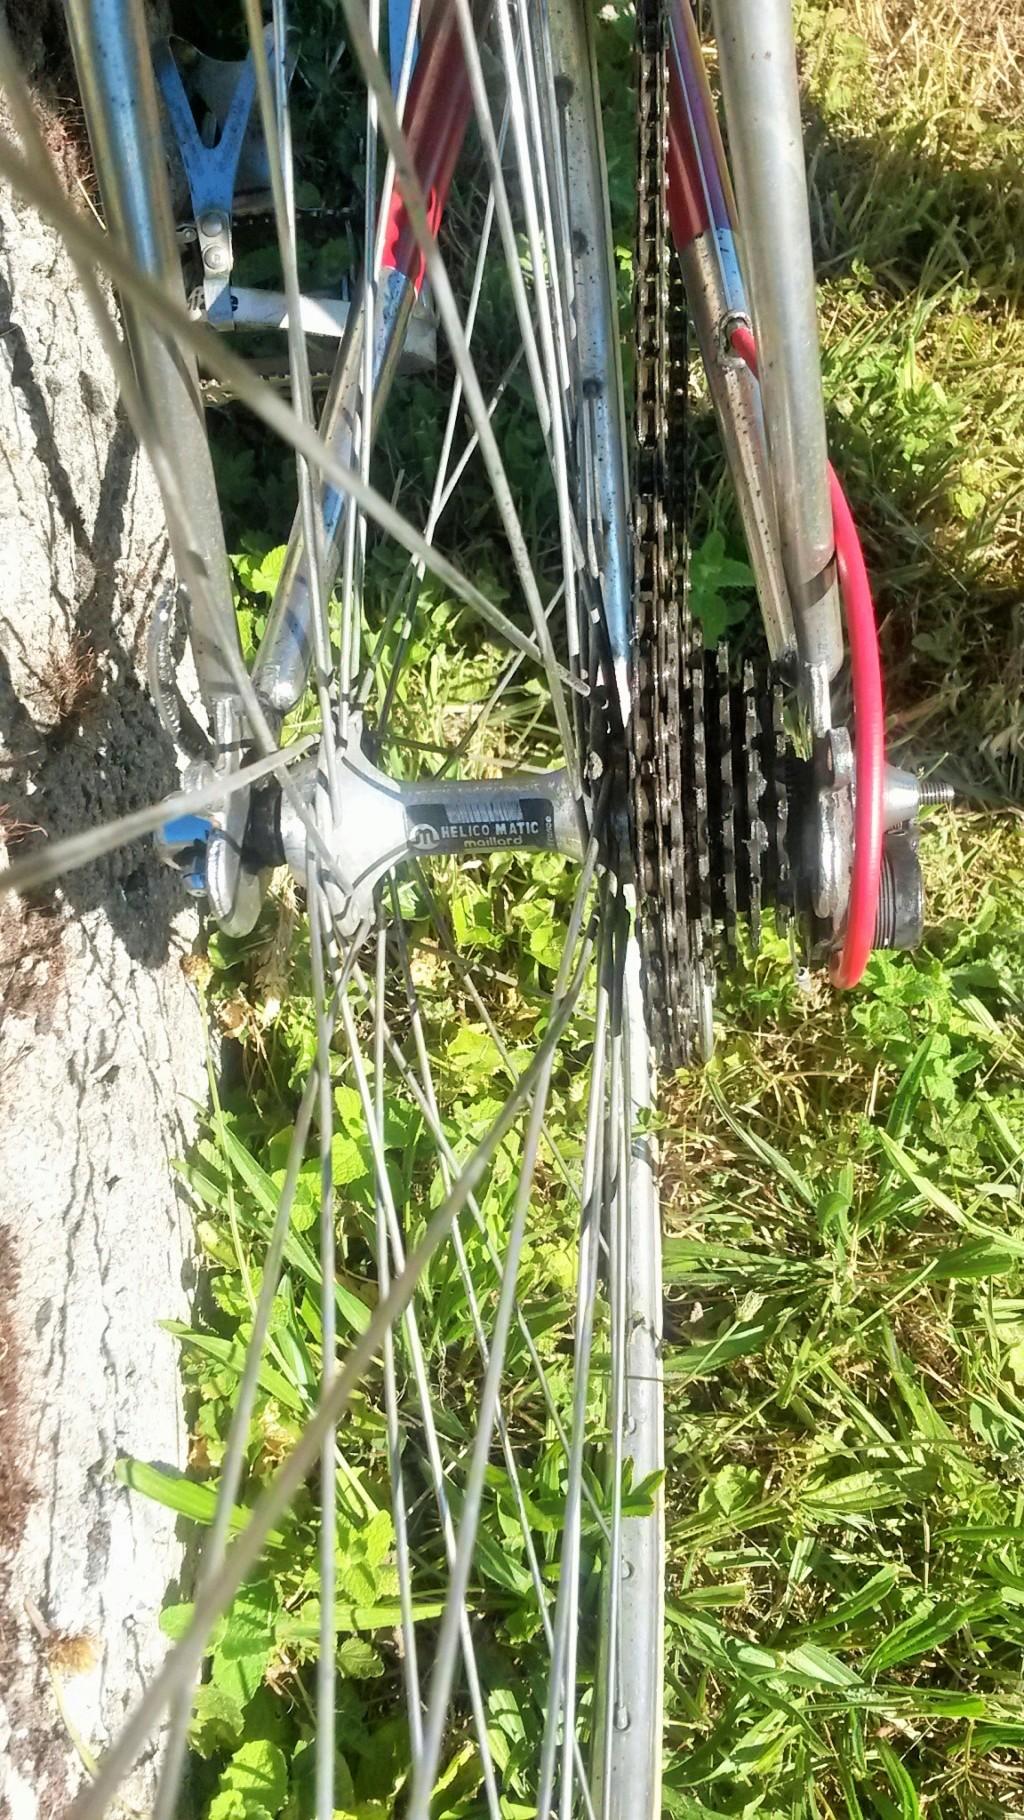 vélo de course a raccord NERVEX 1970 -75 00328